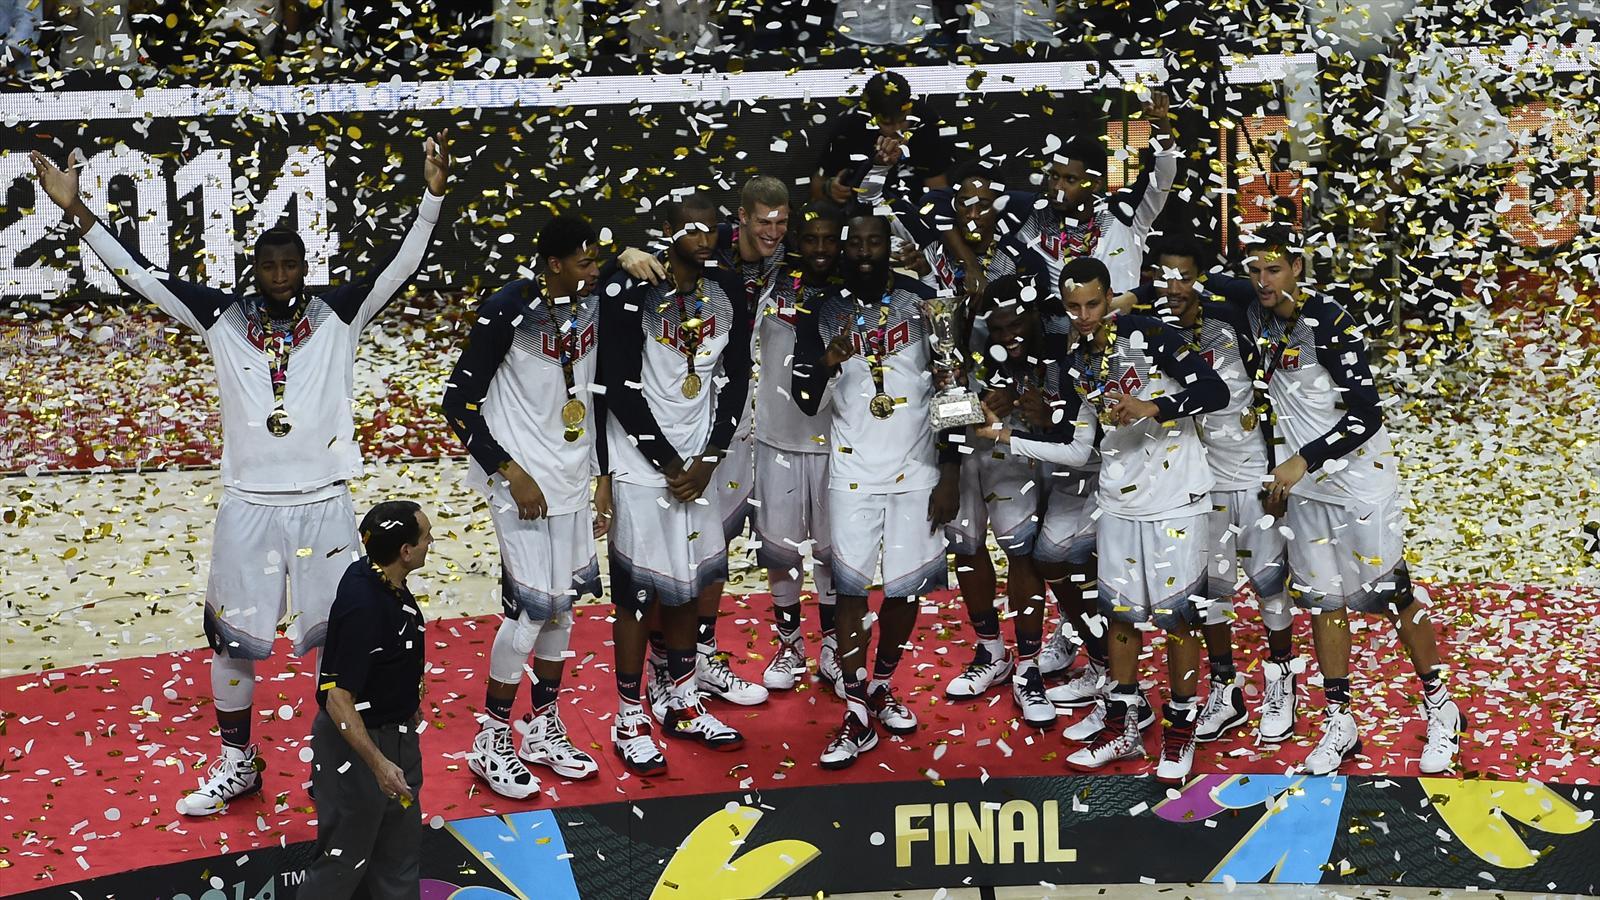 L'équipe des Etats-Unis célèbre son titre mondial